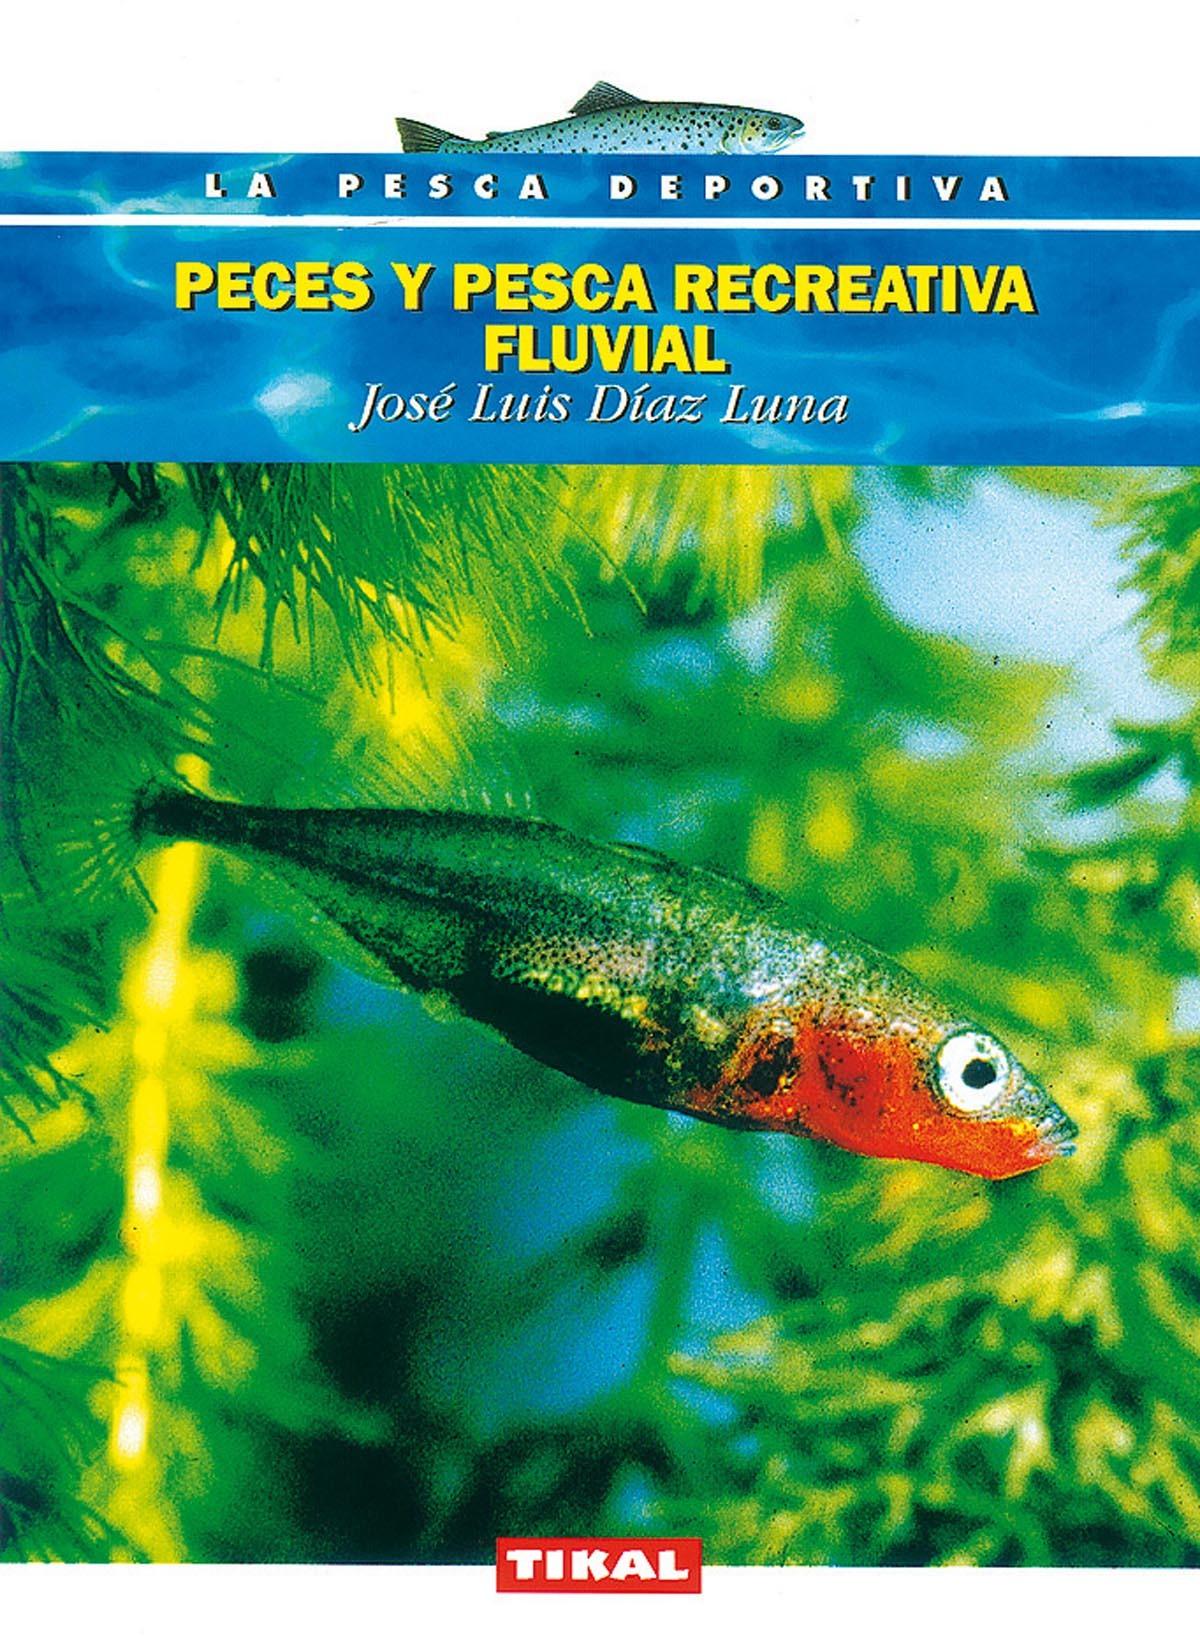 PECES Y PESCA RECREATIVA FLUVIAL